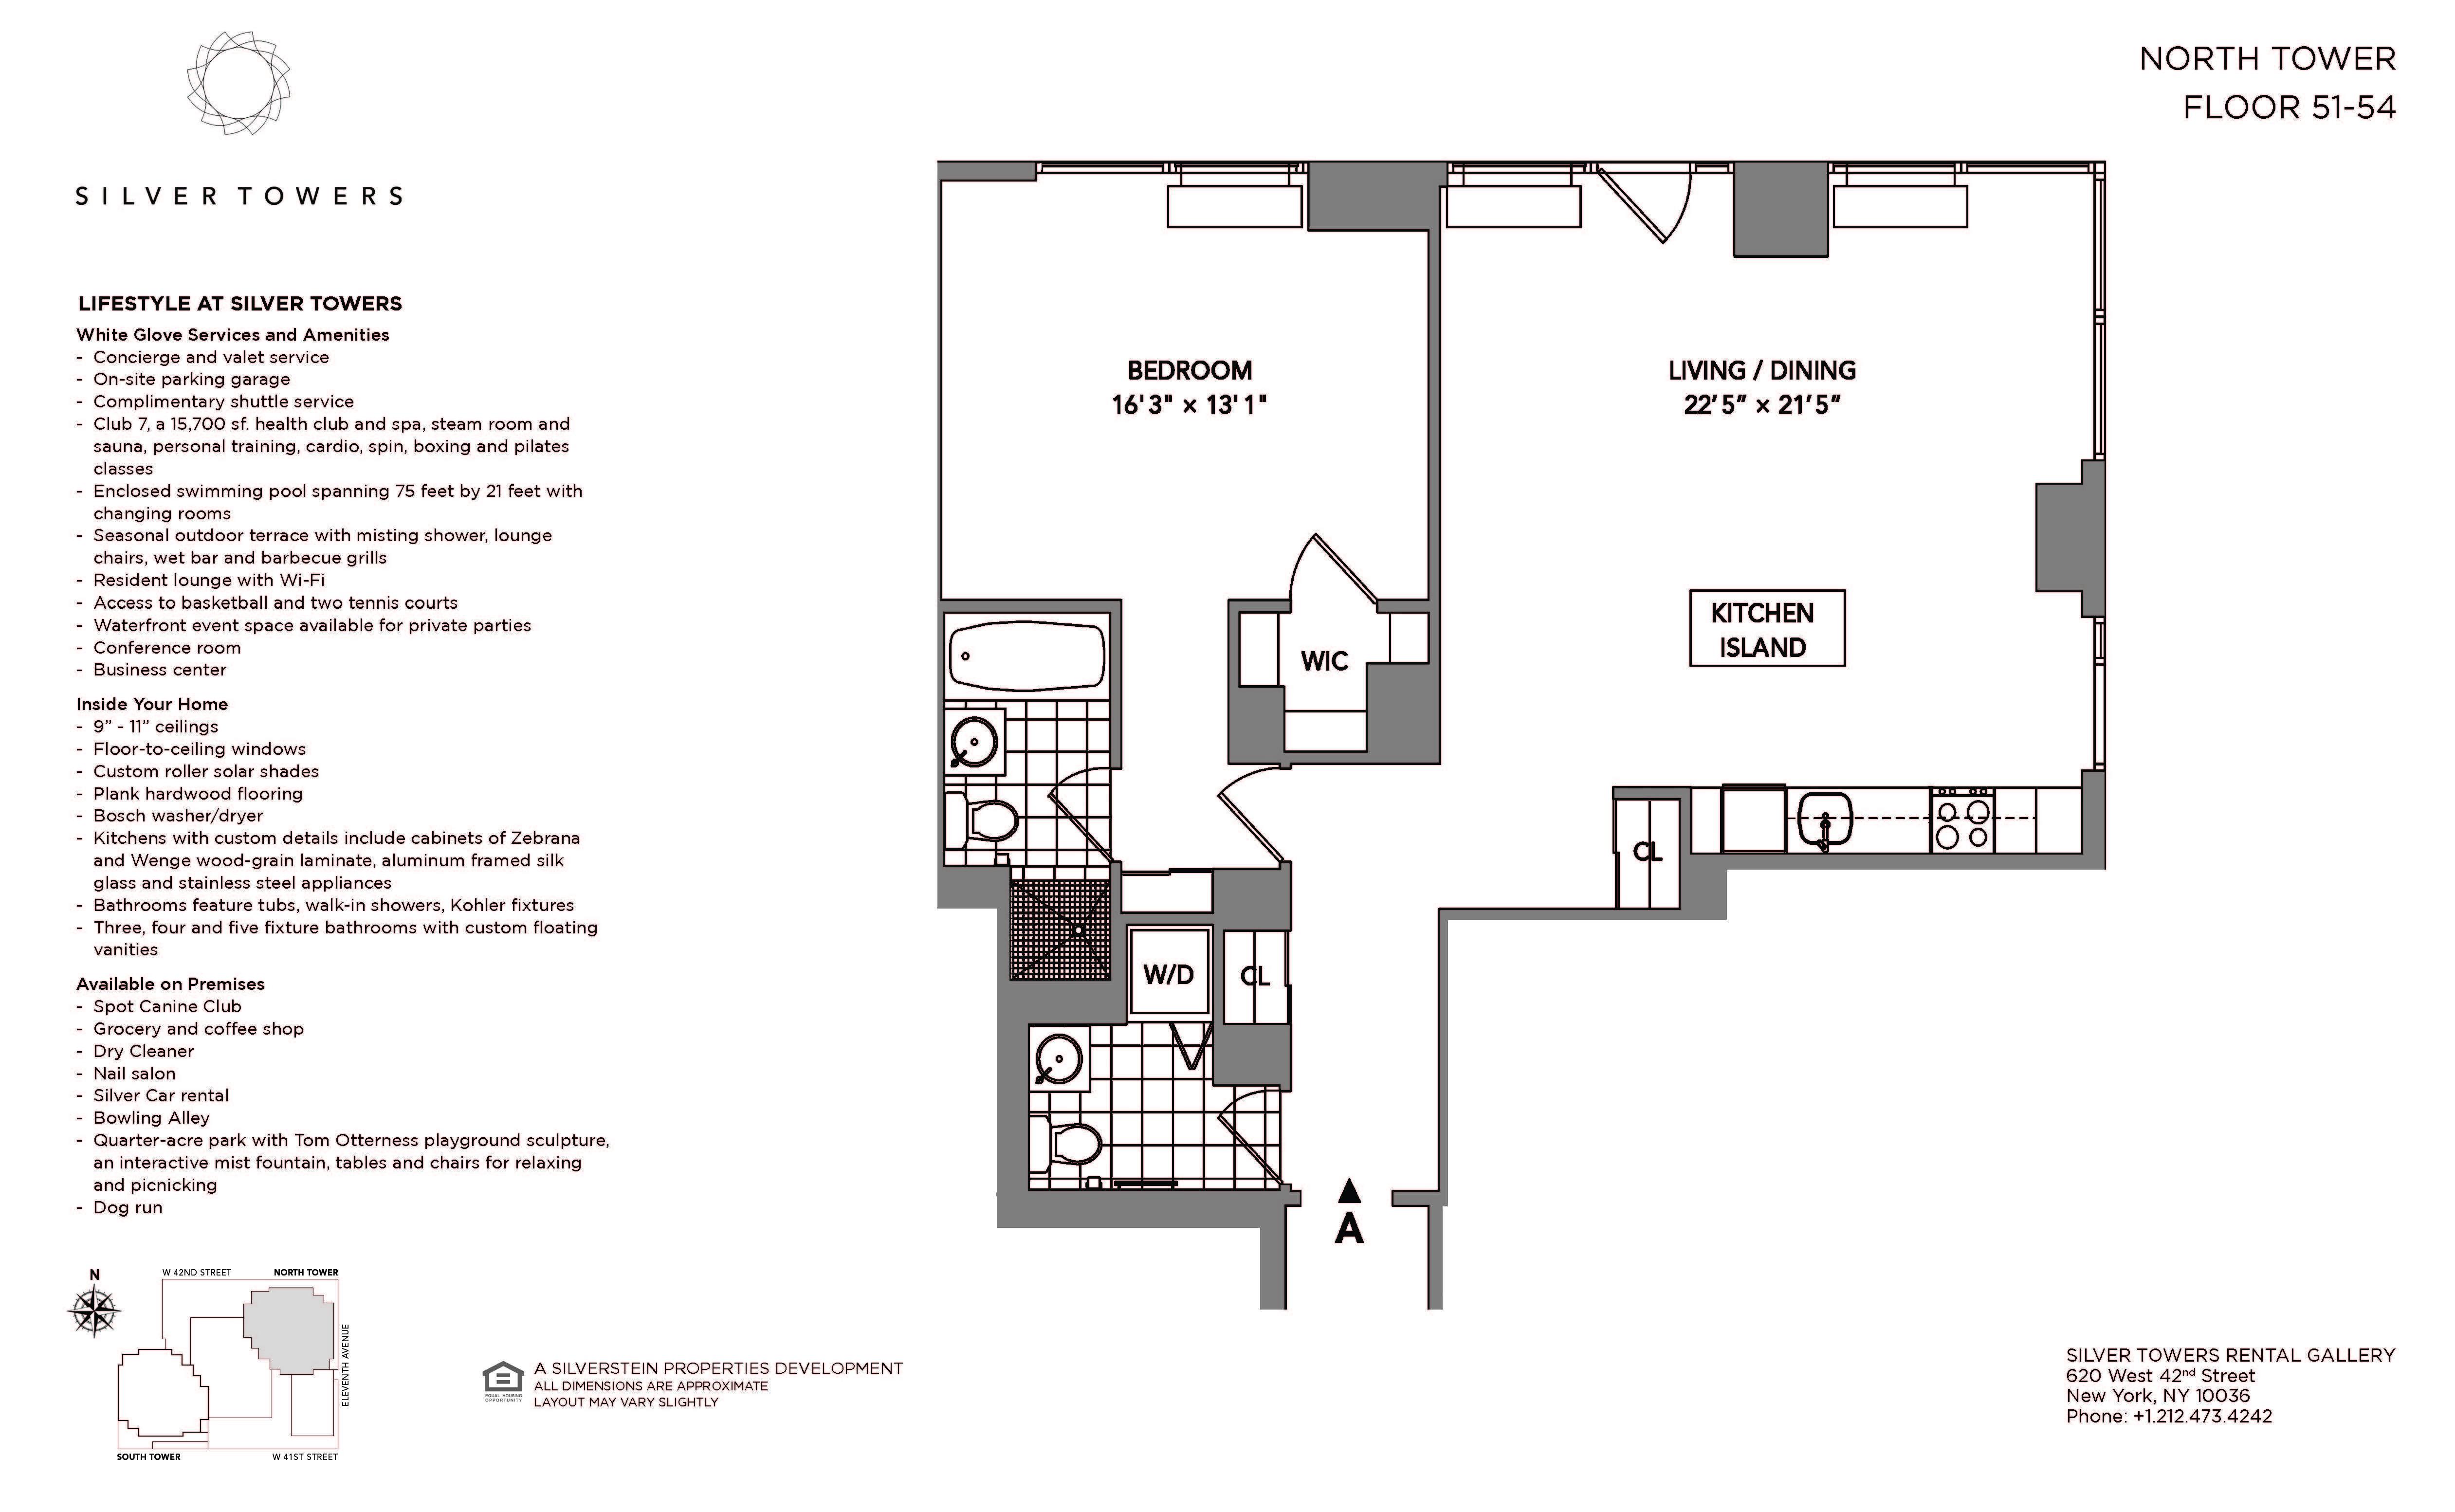 N51A - Floor Plan